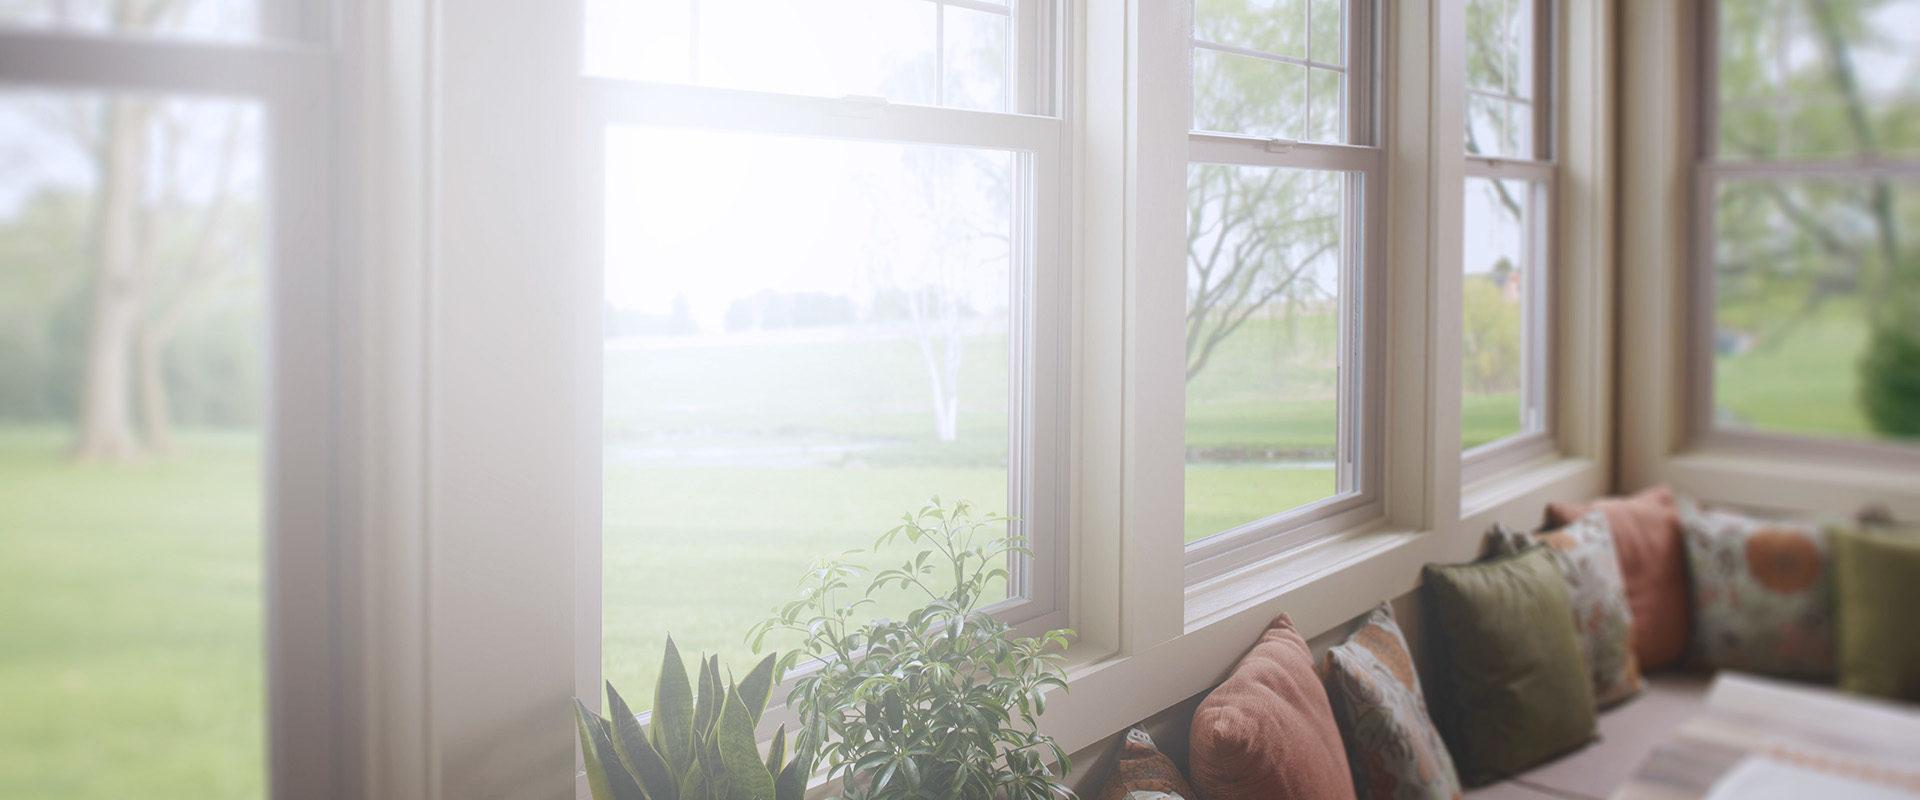 Изображение фоновое окно в коттедж